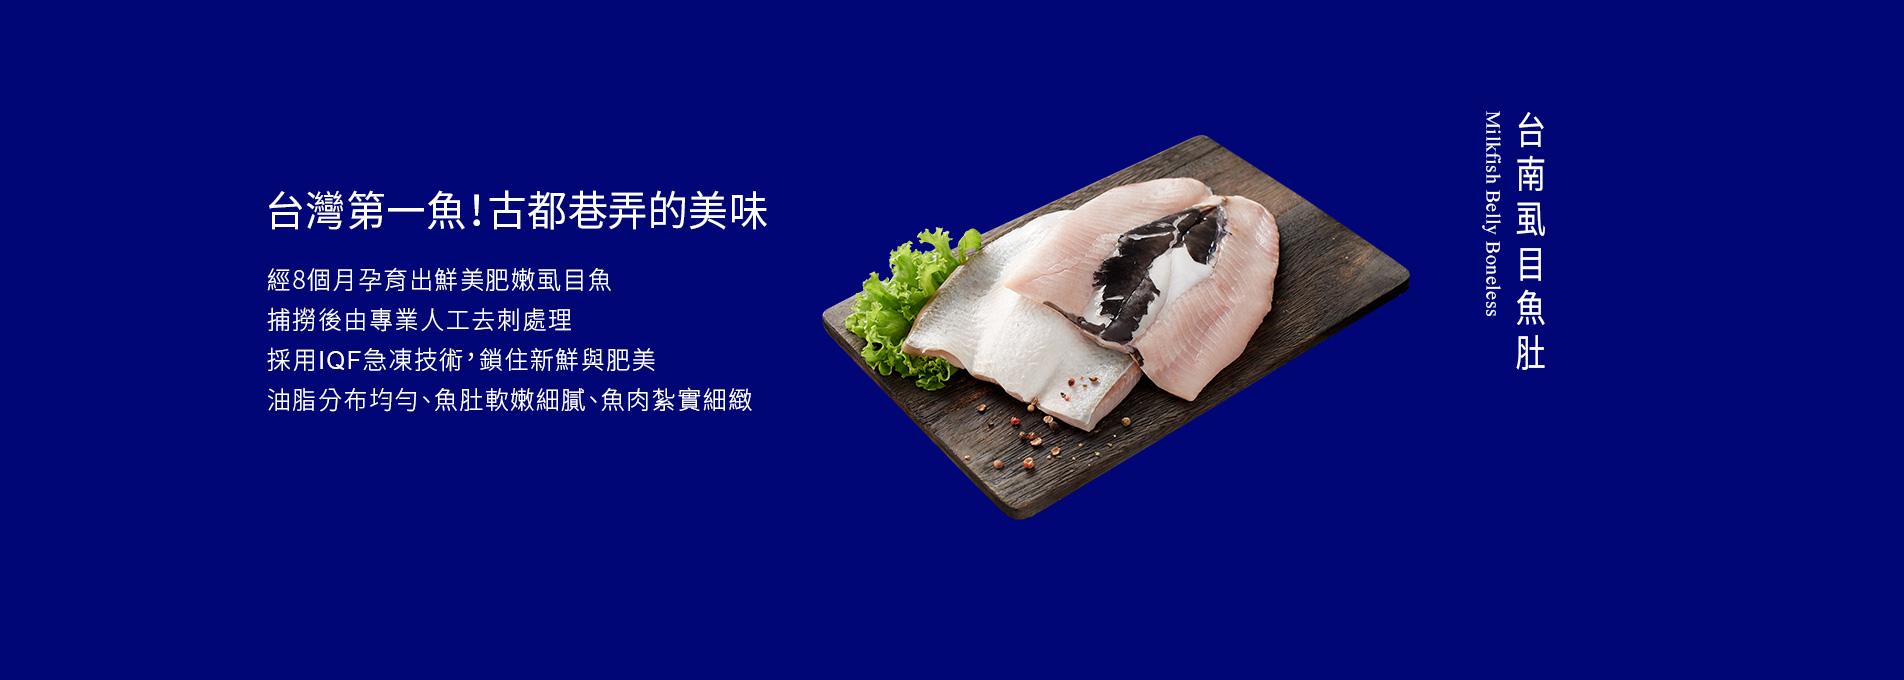 台南虱目魚肚(去刺/特大)2000g/10片